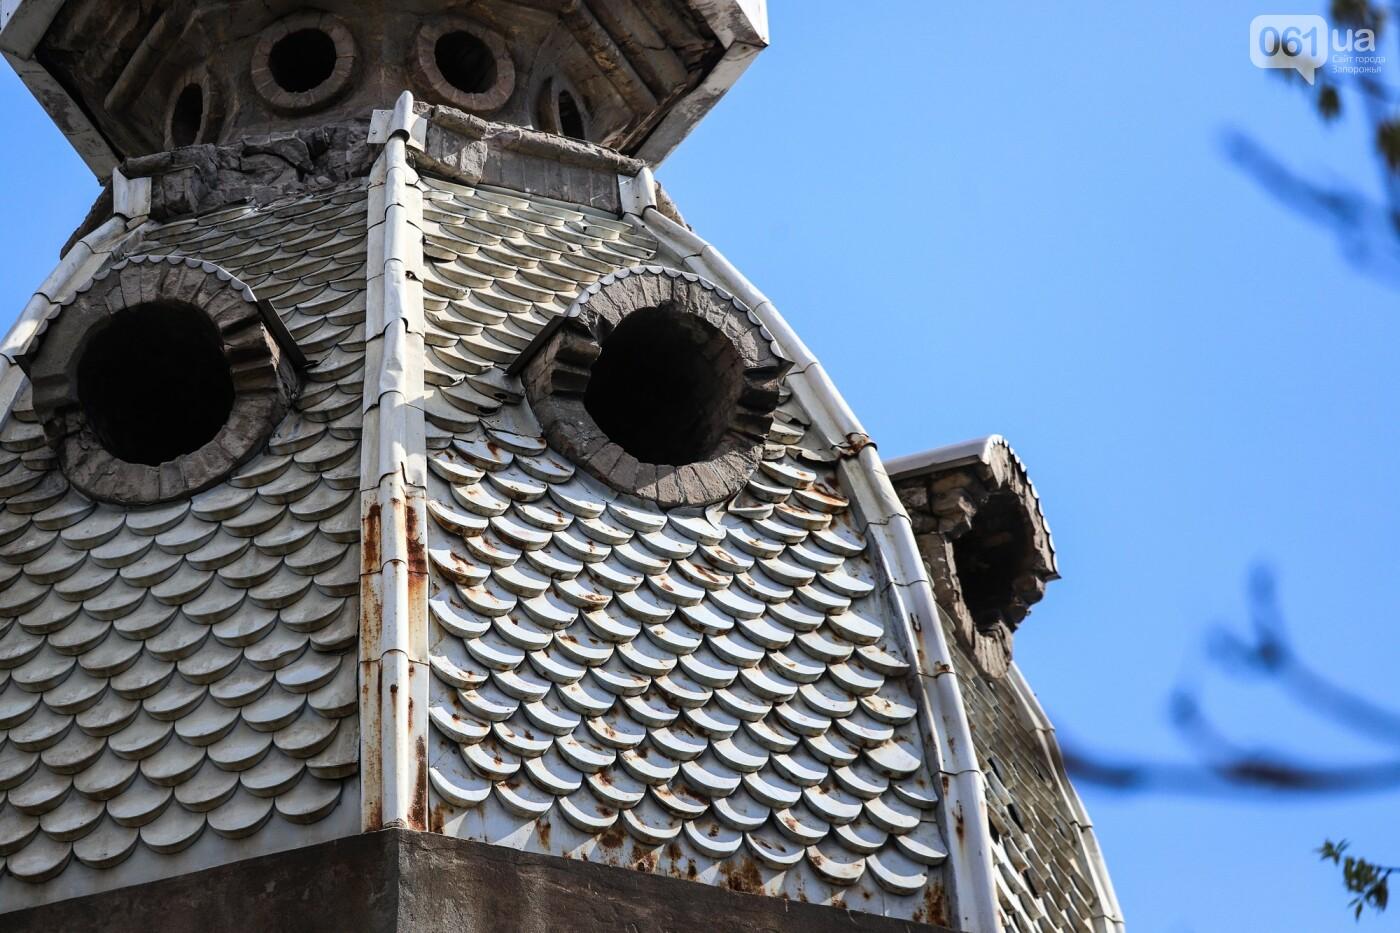 Памятники Старого Александровска: как сейчас выглядит здание первой в городе электростанции, - ФОТО, фото-15